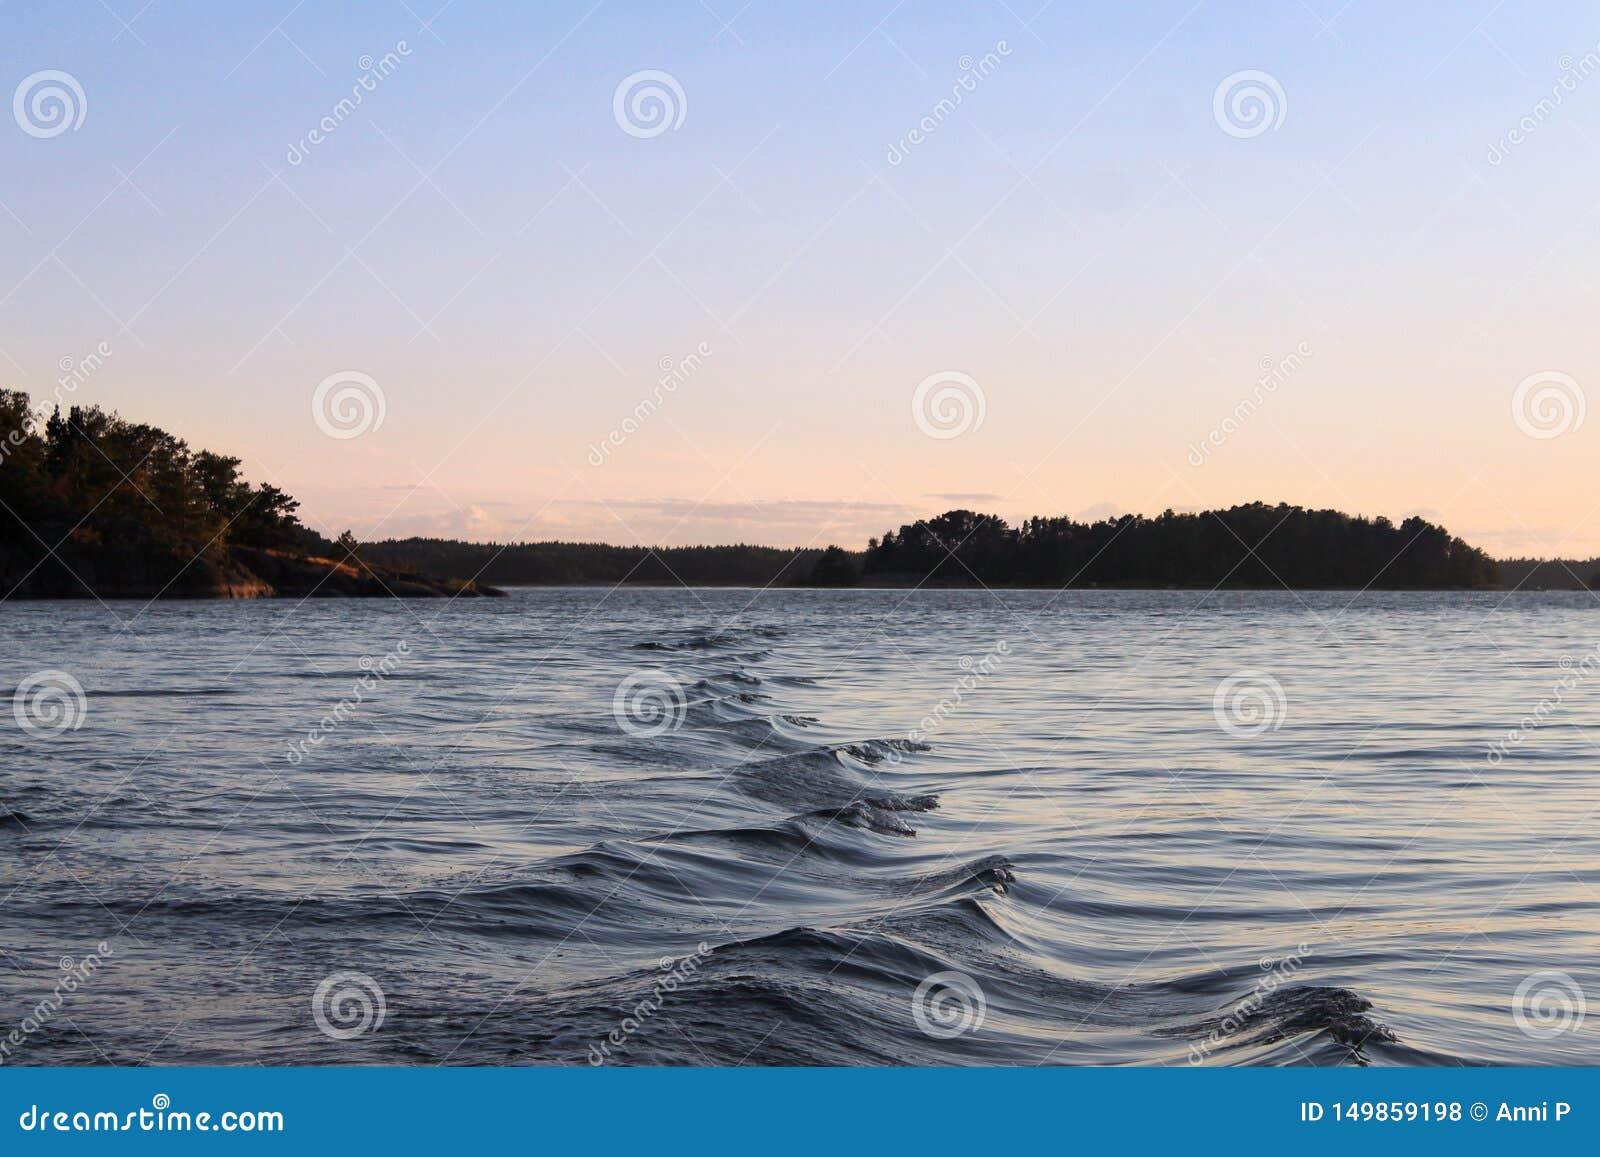 Ondas en el mar